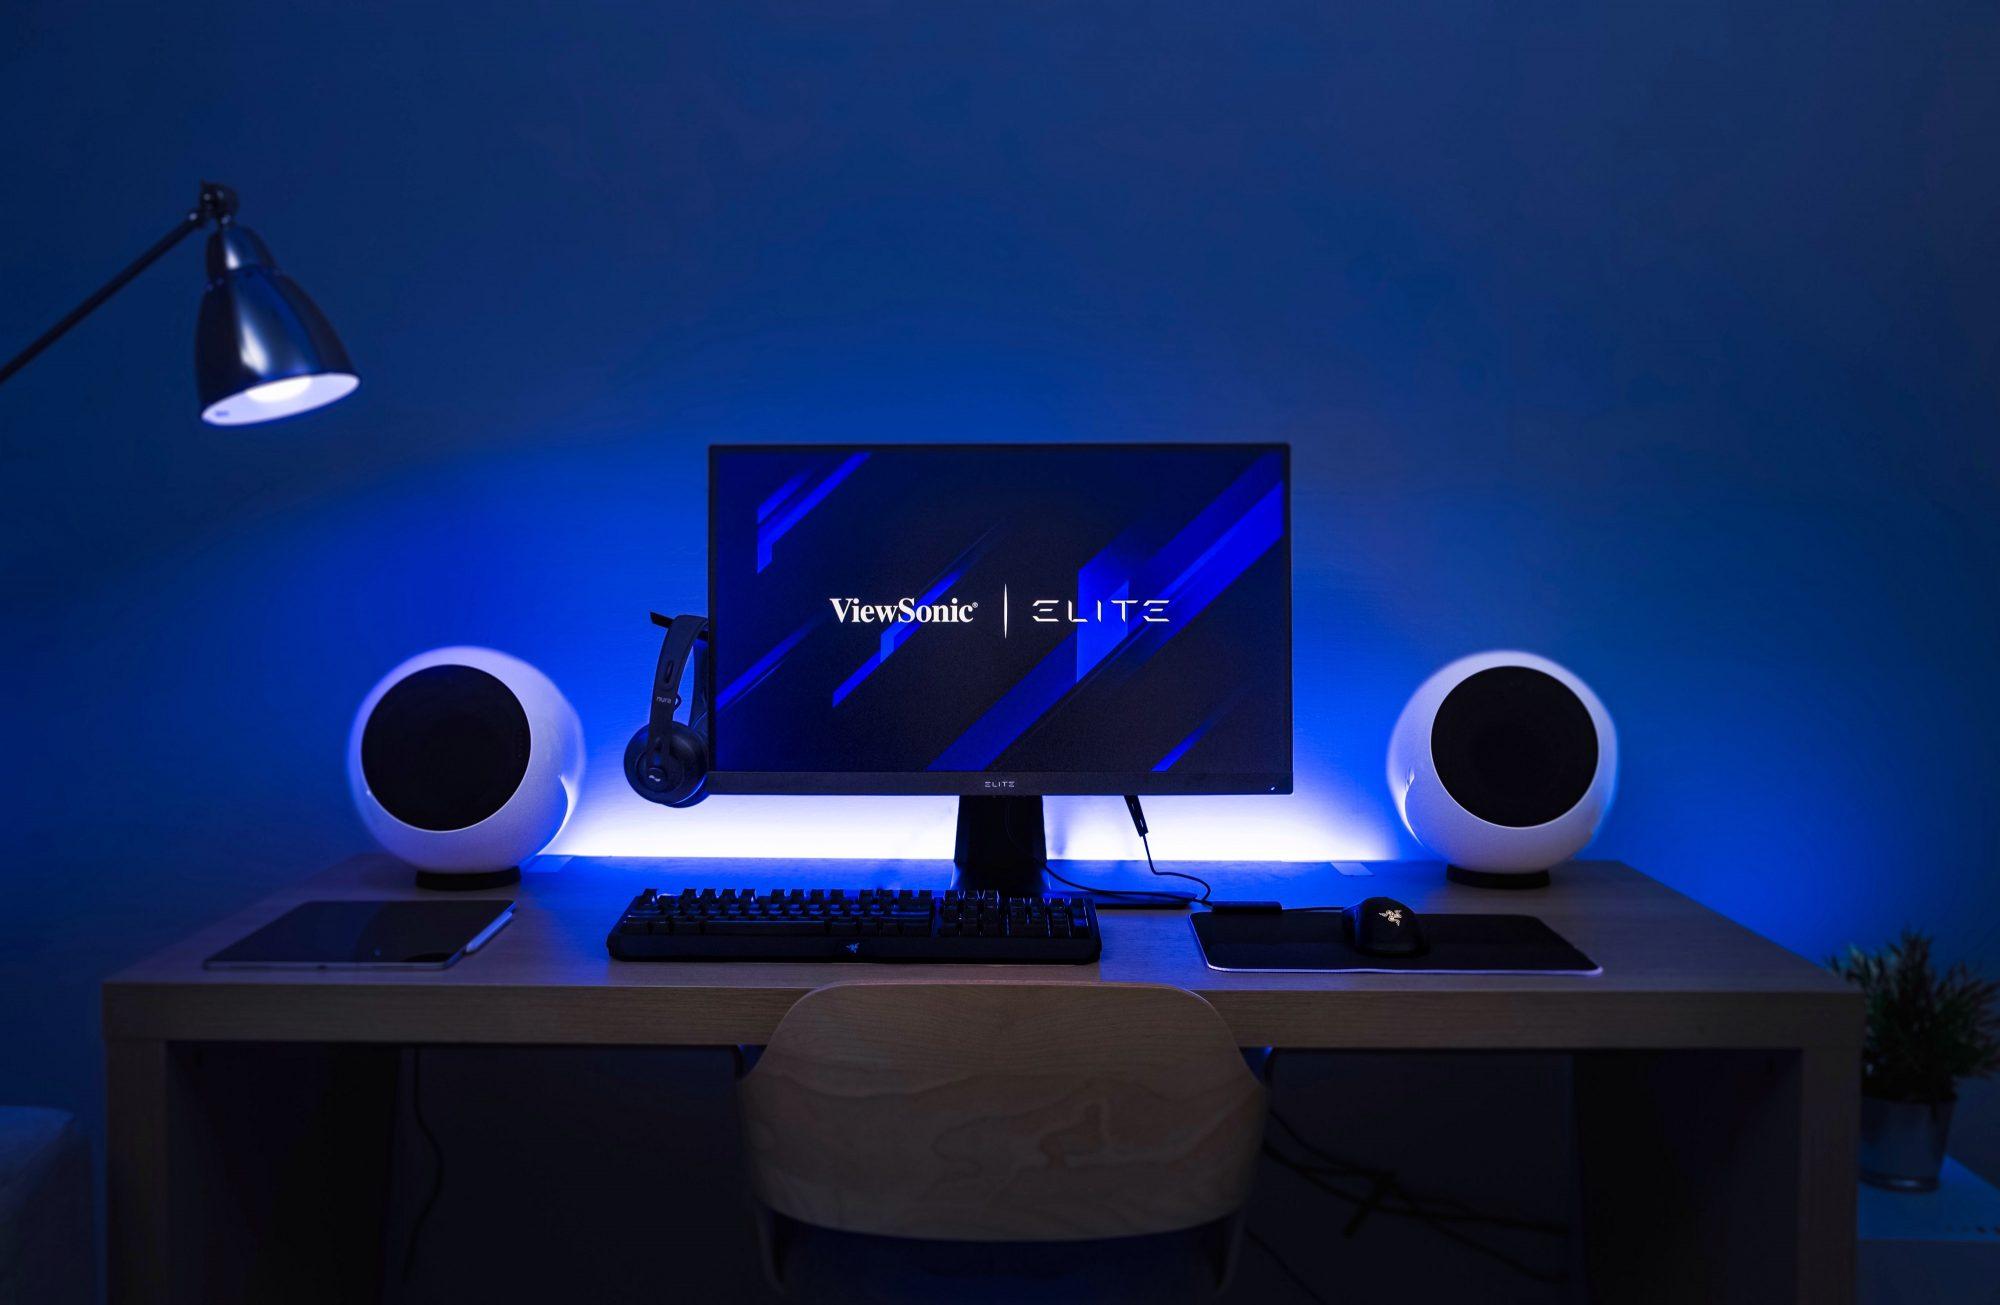 Η ViewSonic παρουσιάζει τα νέα ELITE monitors με τις τελευταίες gaming τεχνολογίες Απολαύστε next-level καθήλωση με HDMI2.1, Mini-LED και Quantum Dot από τη ViewSonic.